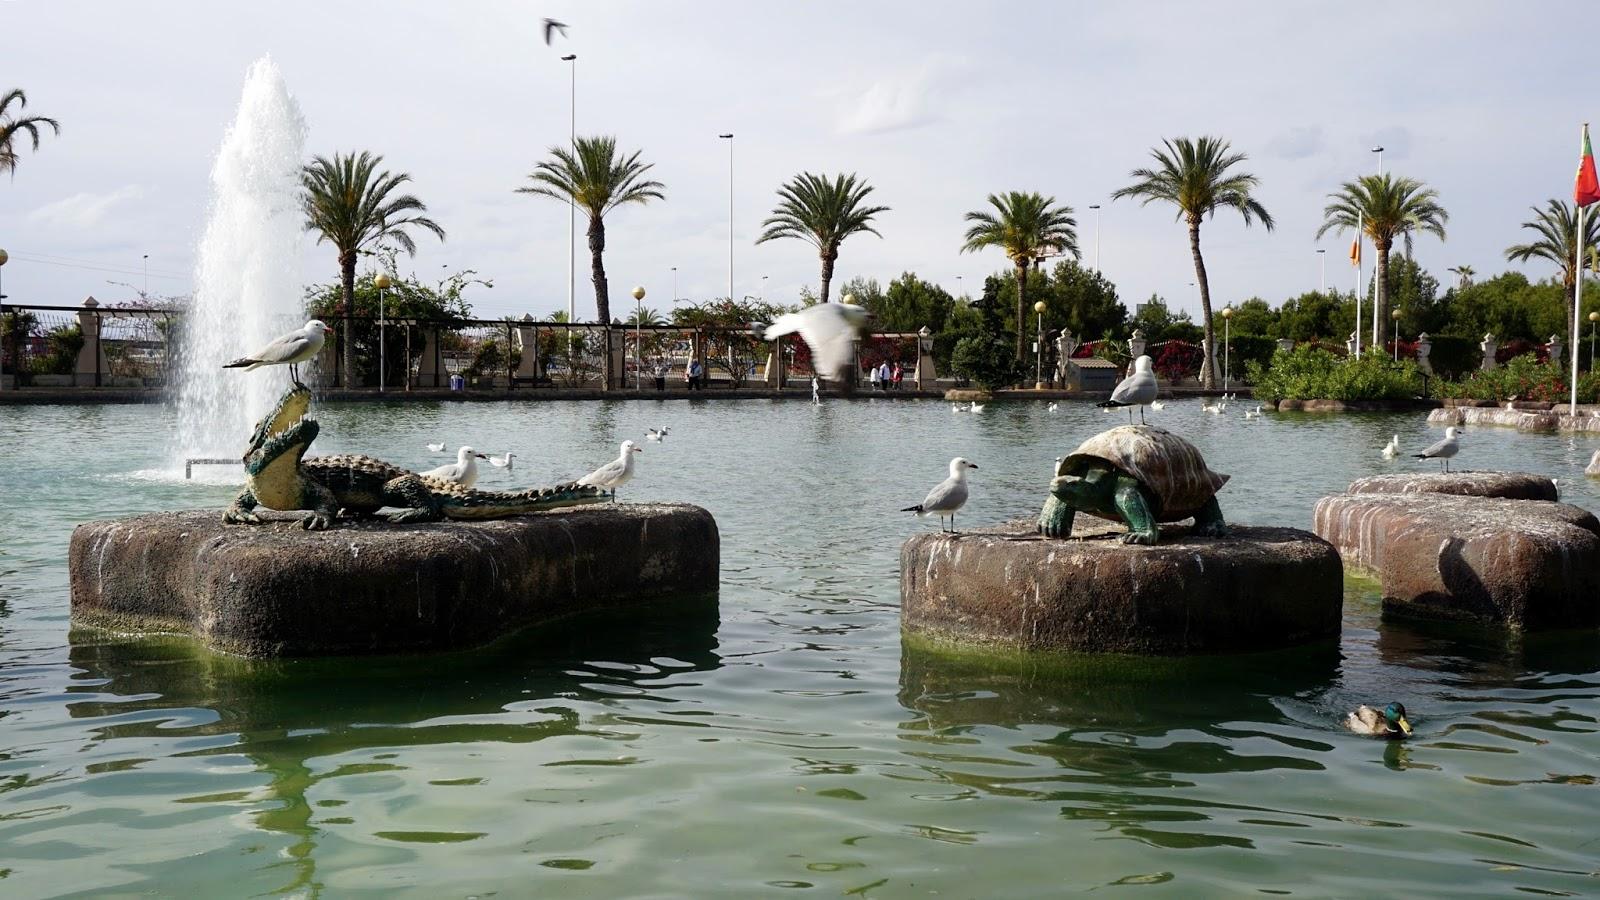 Parque de Las Naciones w Torrevieja, atrakcje Torrevieja, atrakcje południowej Hiszpanii